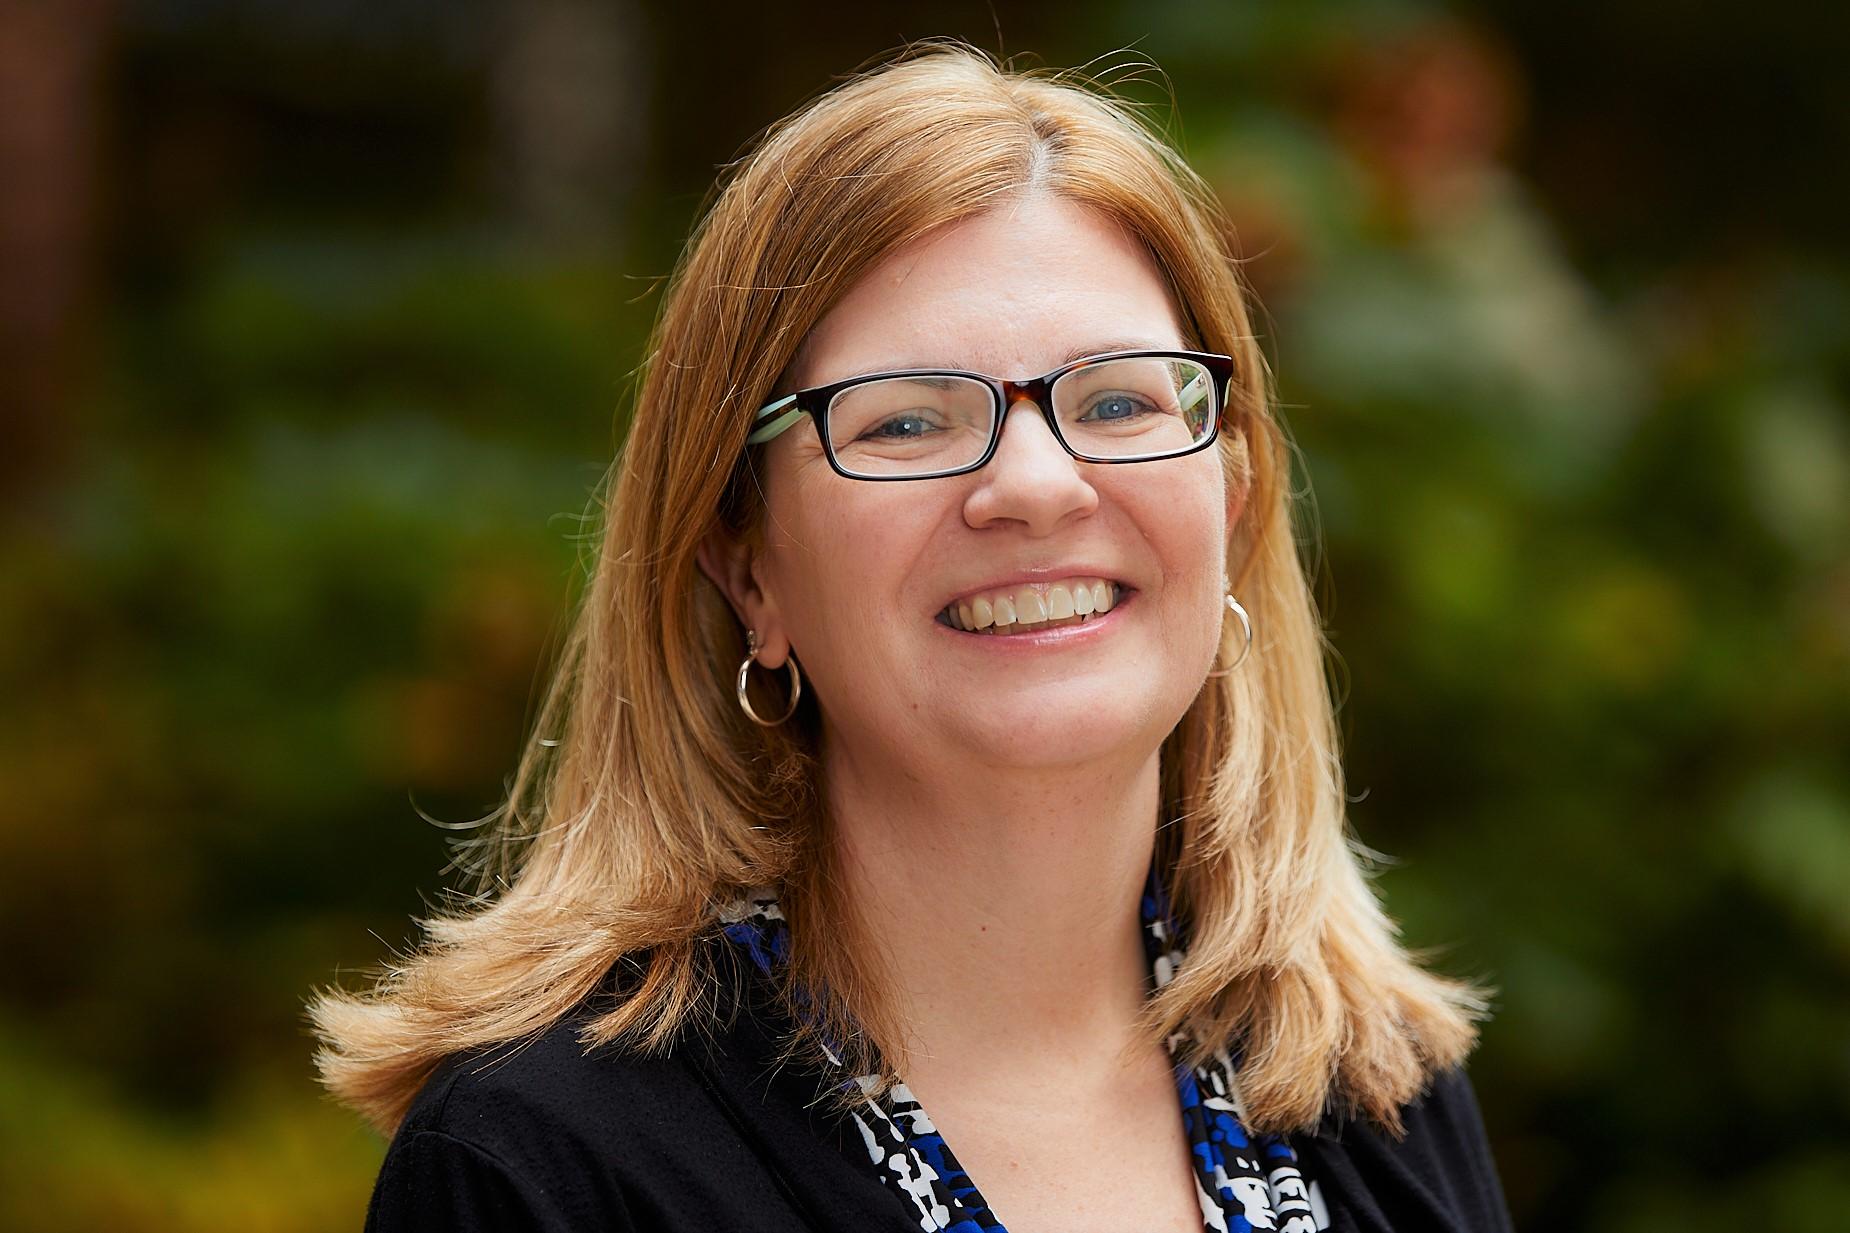 Carol Van Ryzin, RN, CPNP